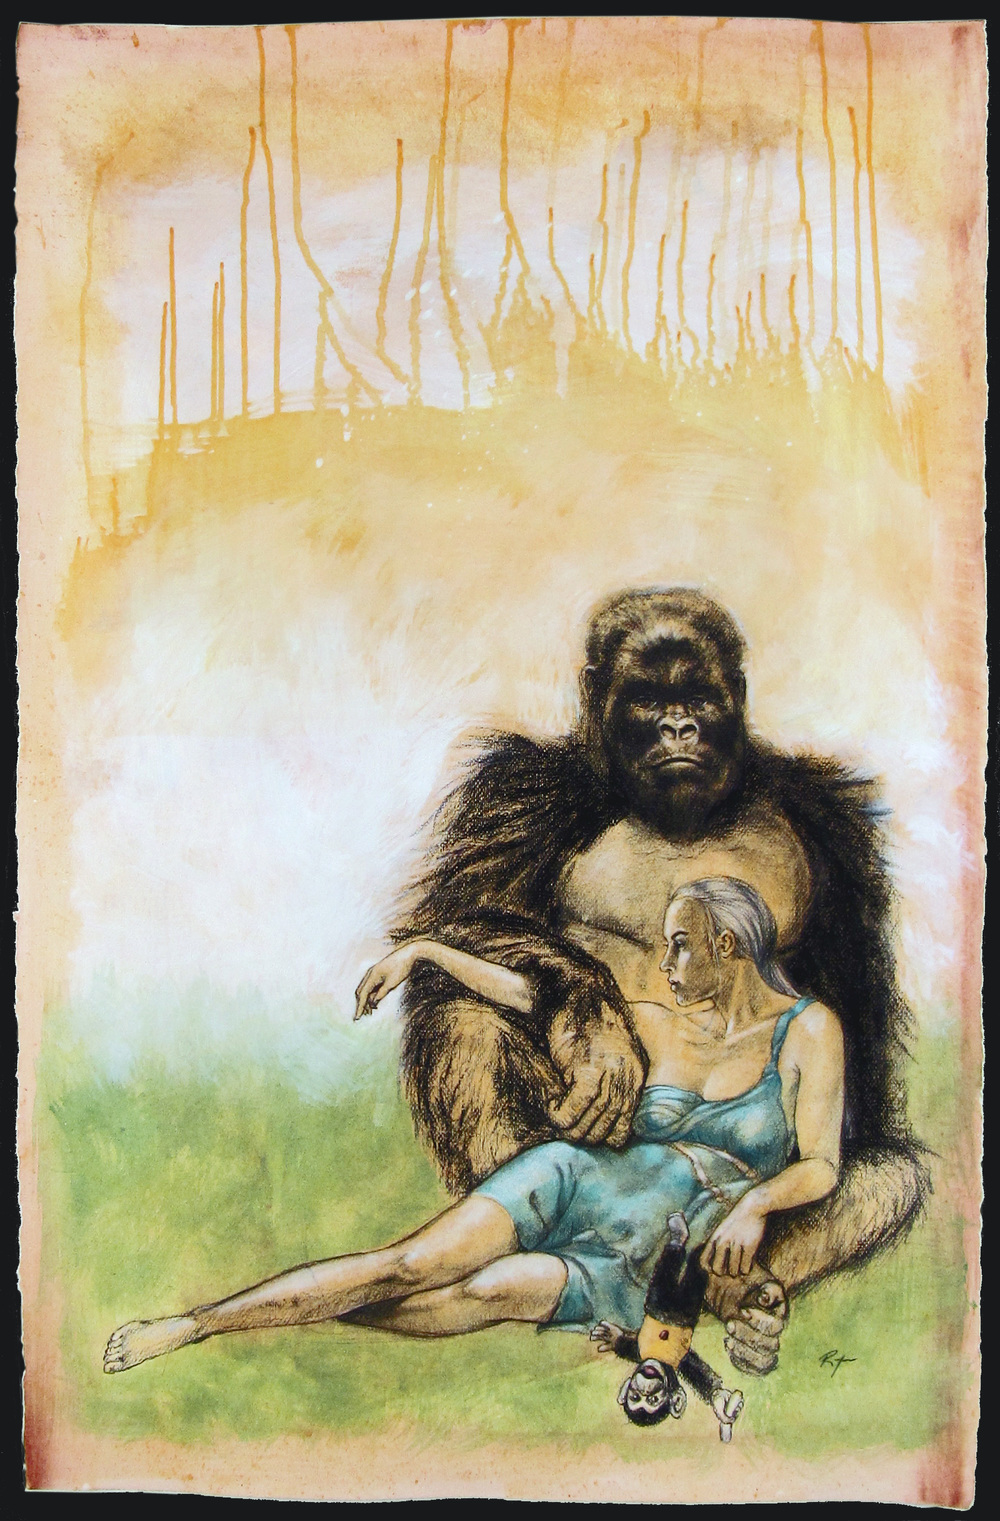 Gorilla Girl